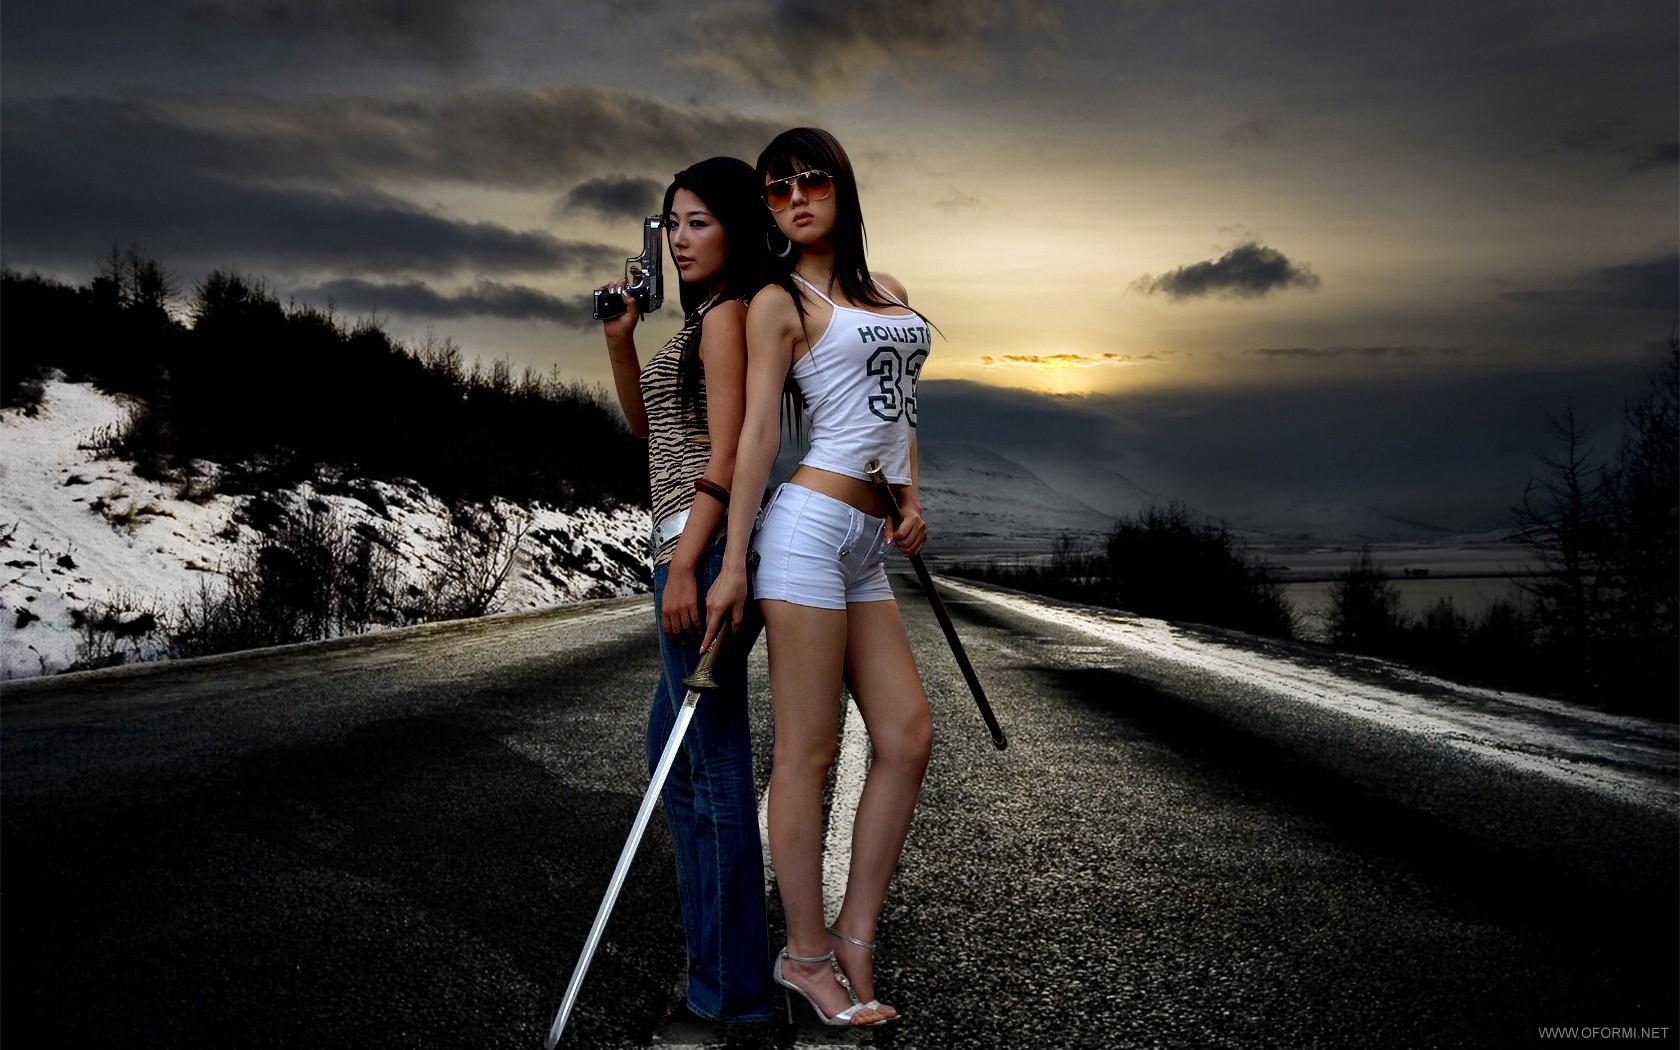 Девушки с оружием девушки с оружием